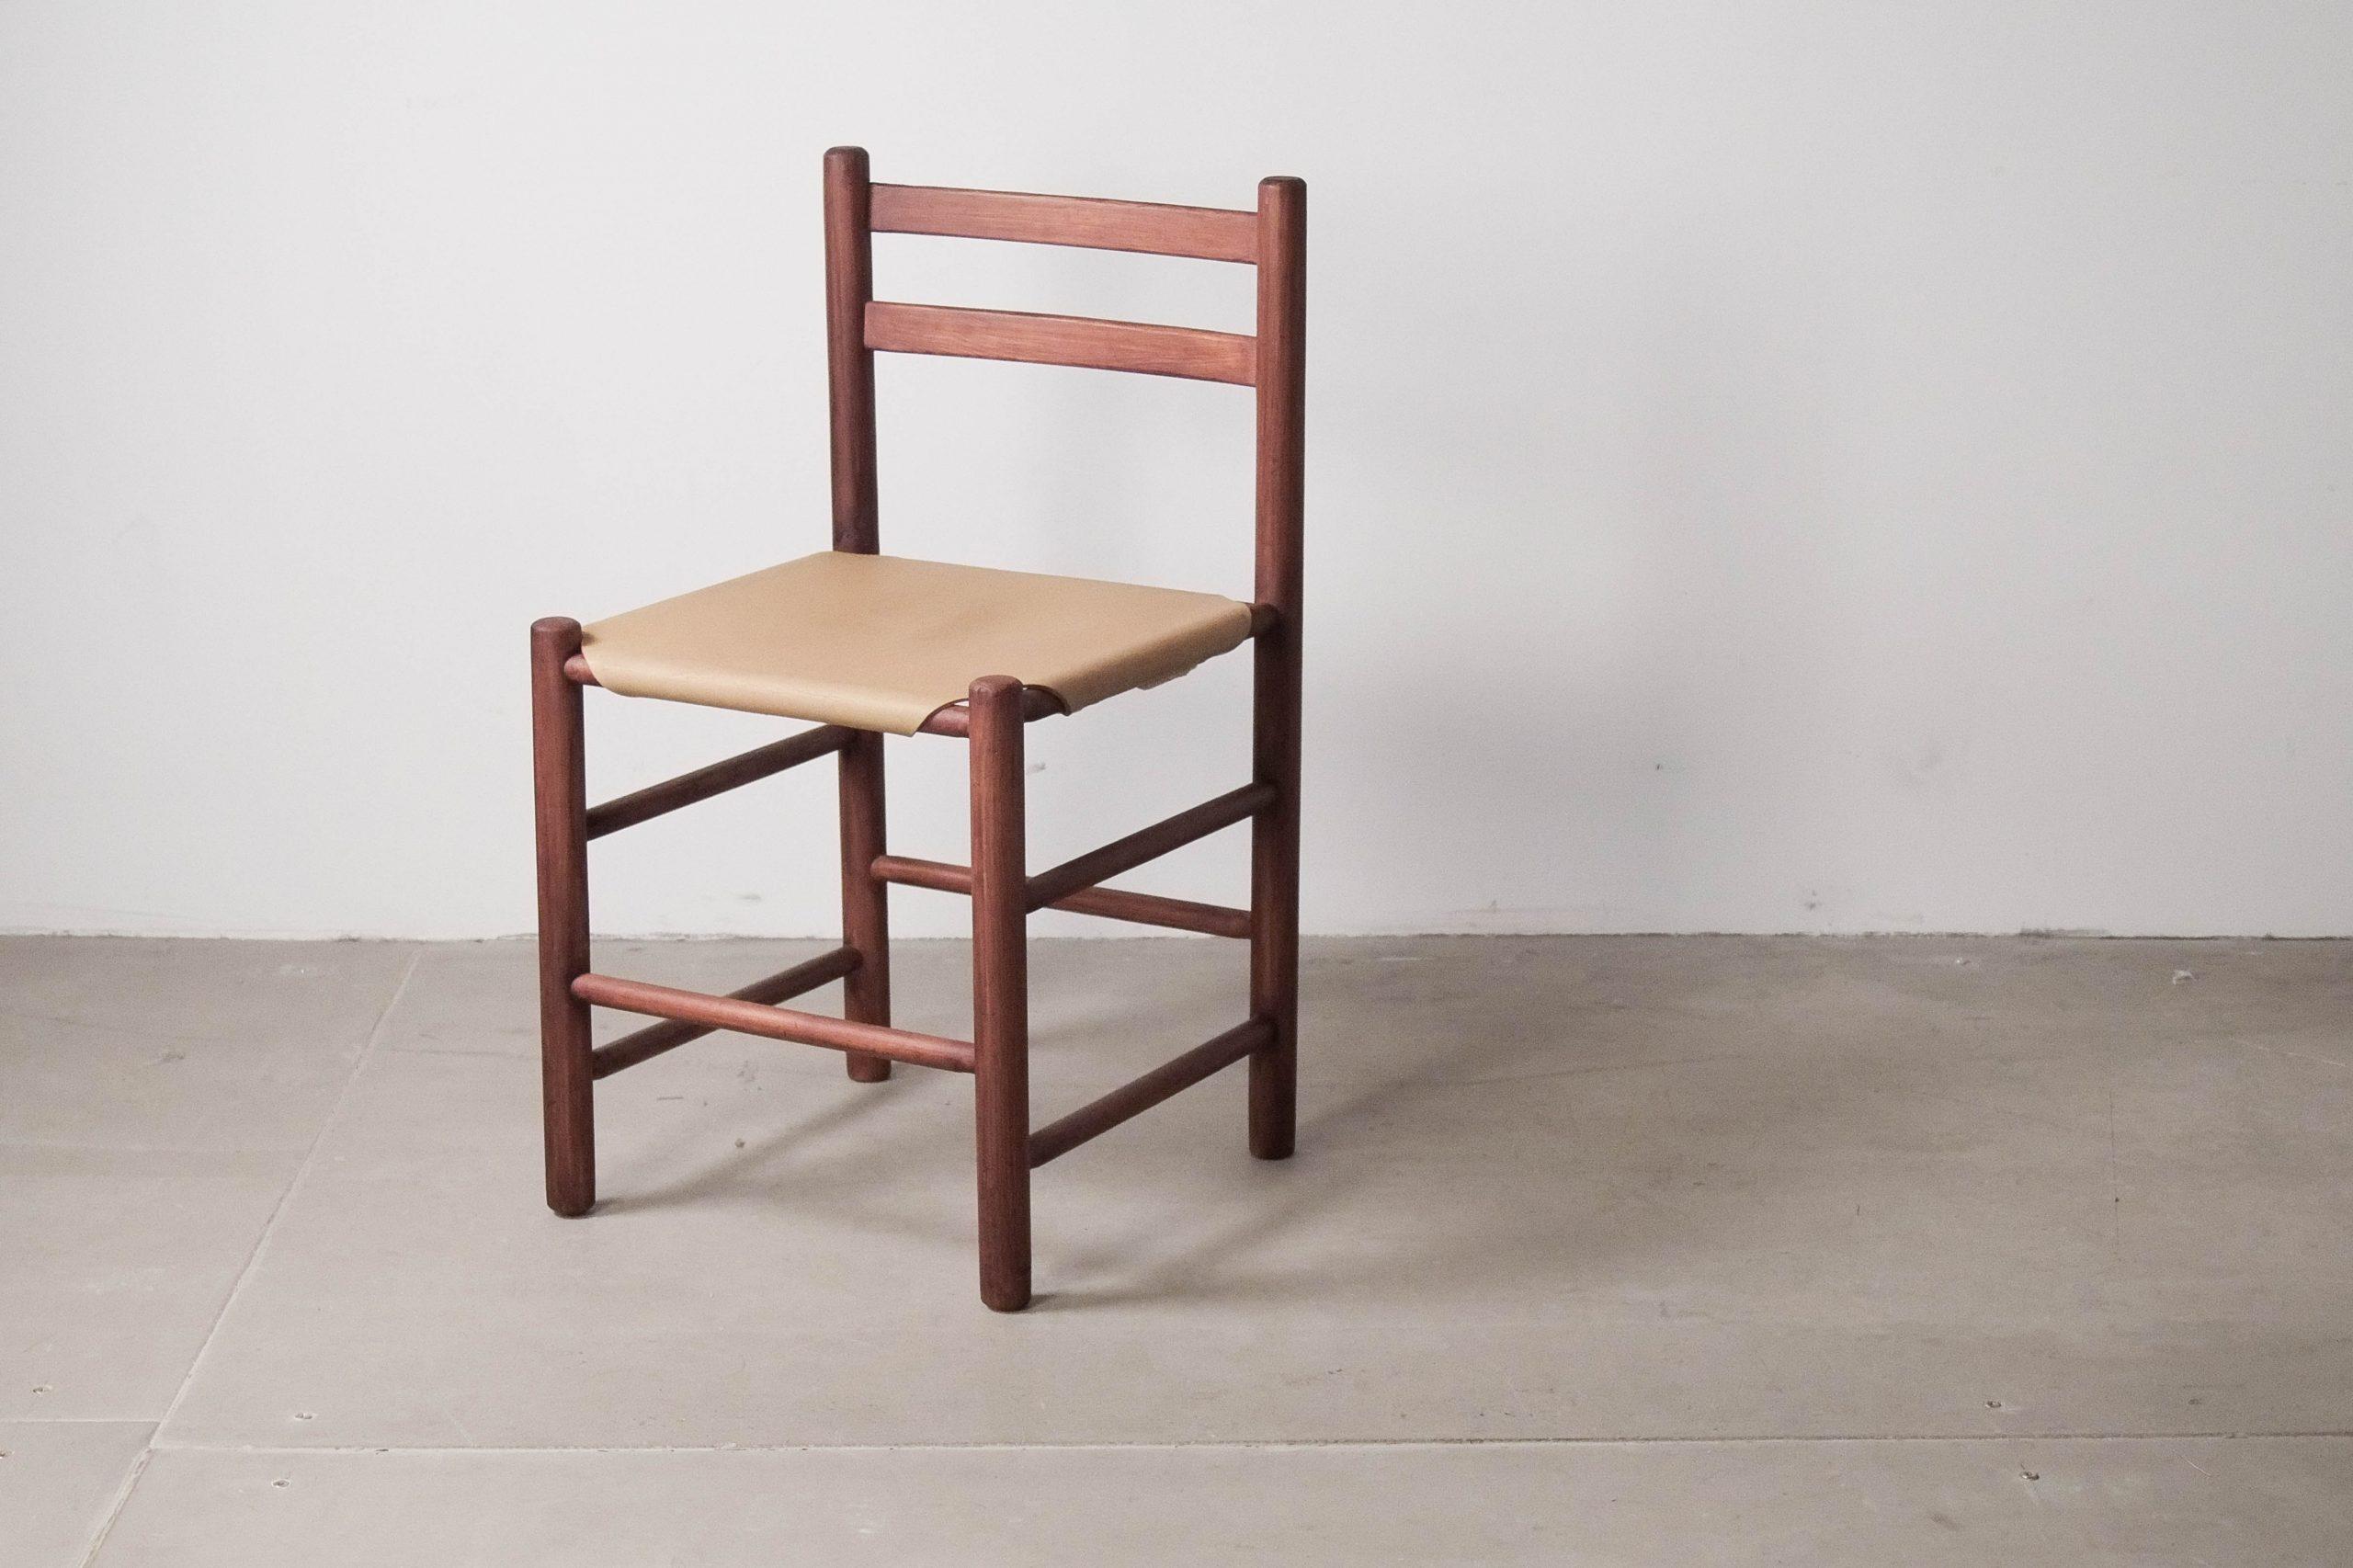 silla de comedor ate von holandesa rustica piel